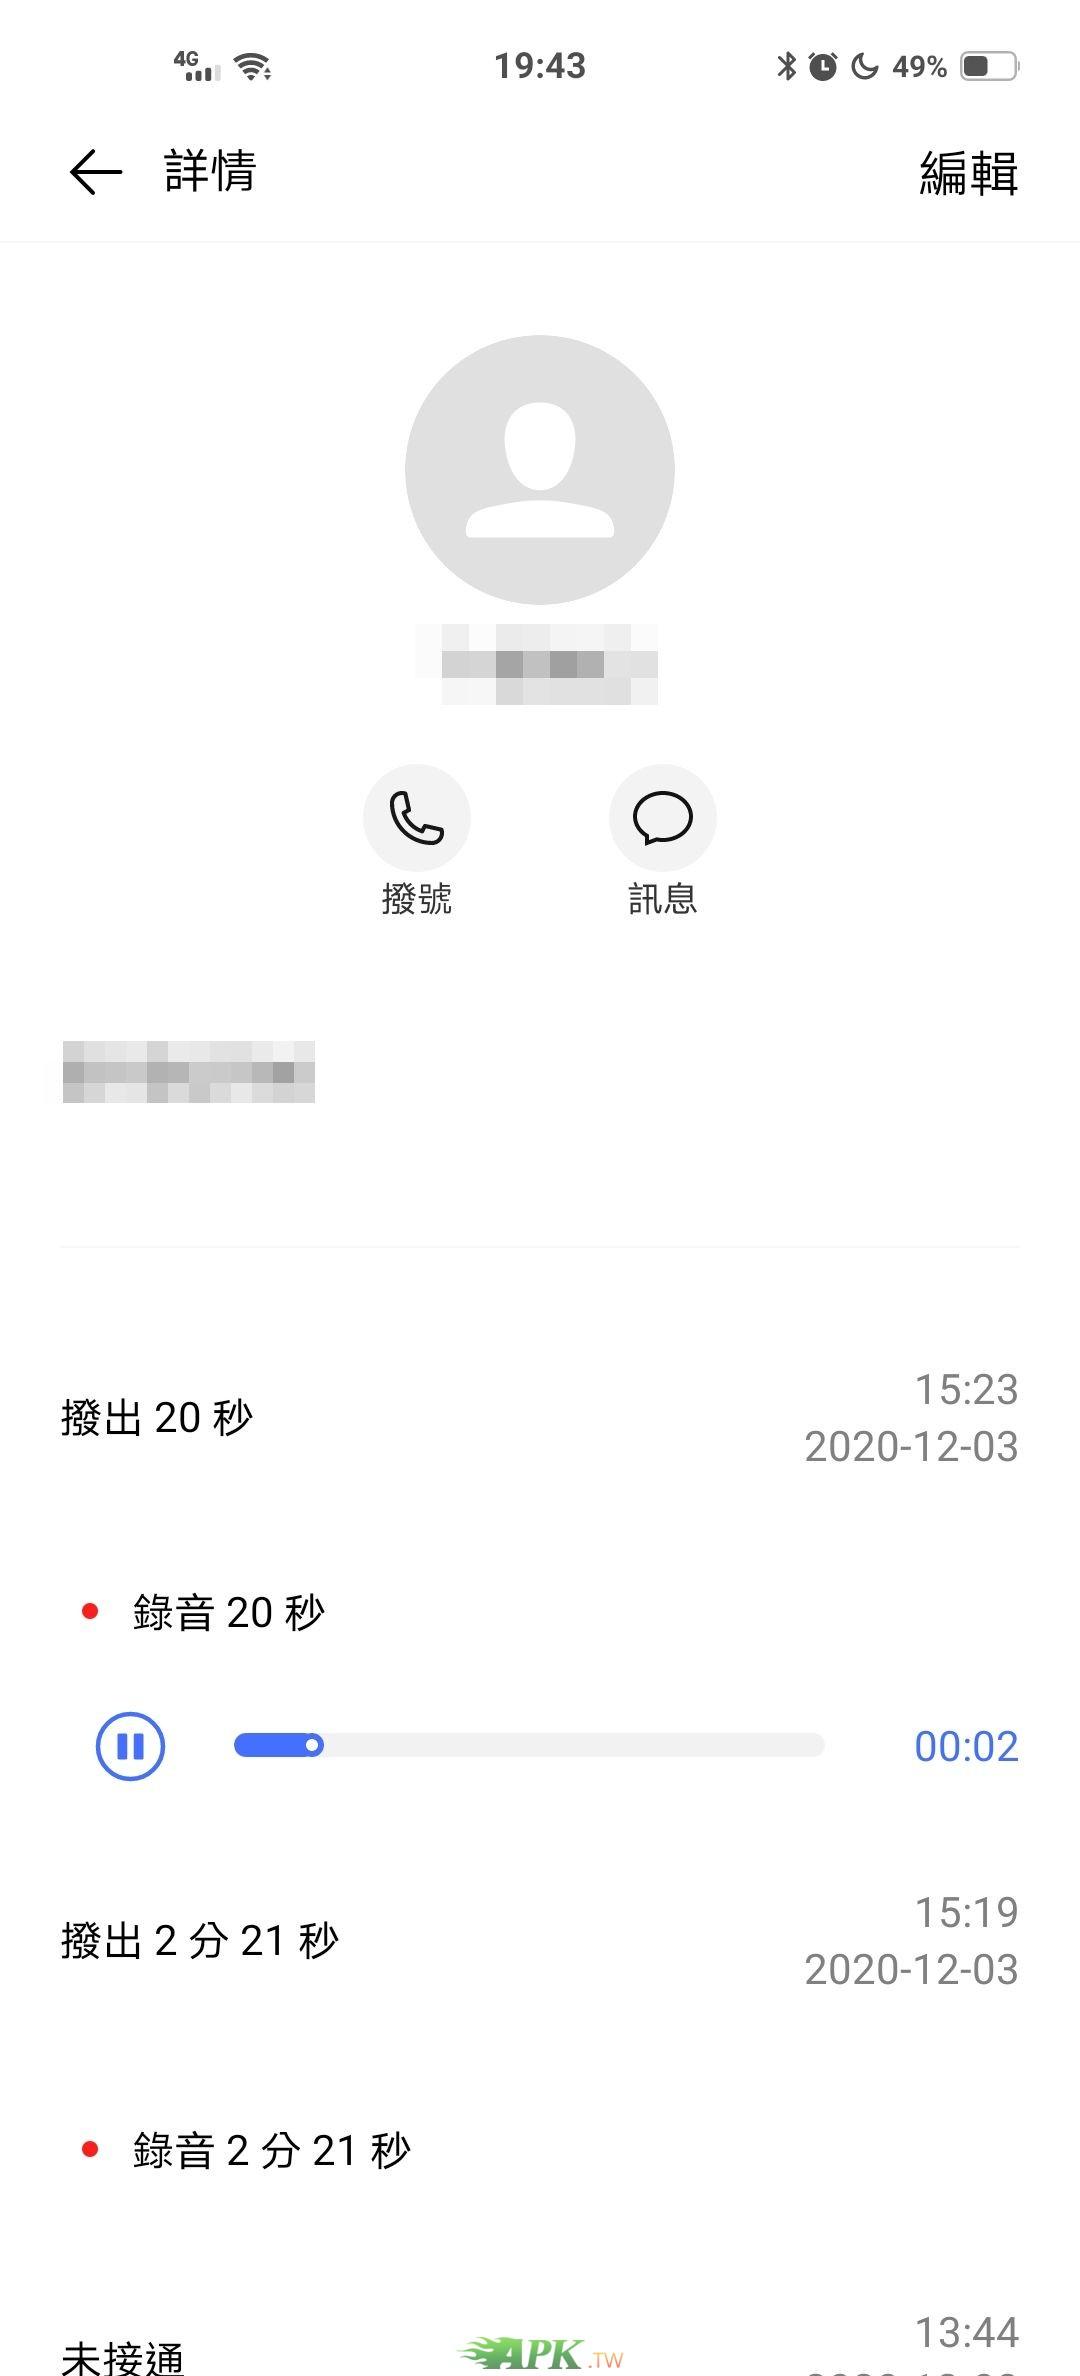 Screenshot_20201203_194331.jpg